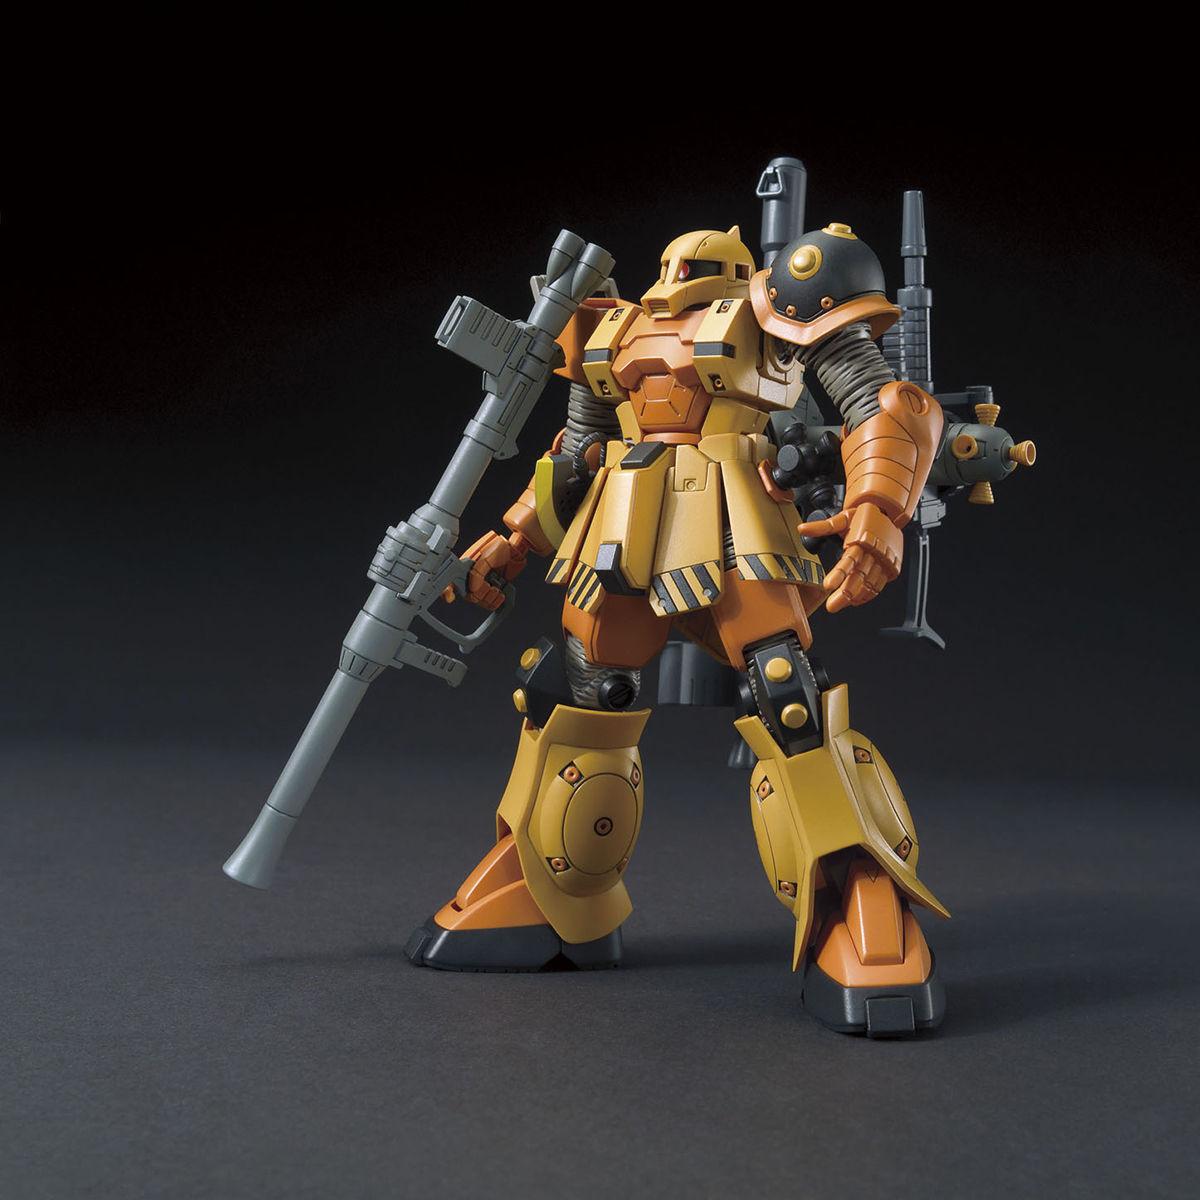 MS-05 ザクI 《サンダーボルト》